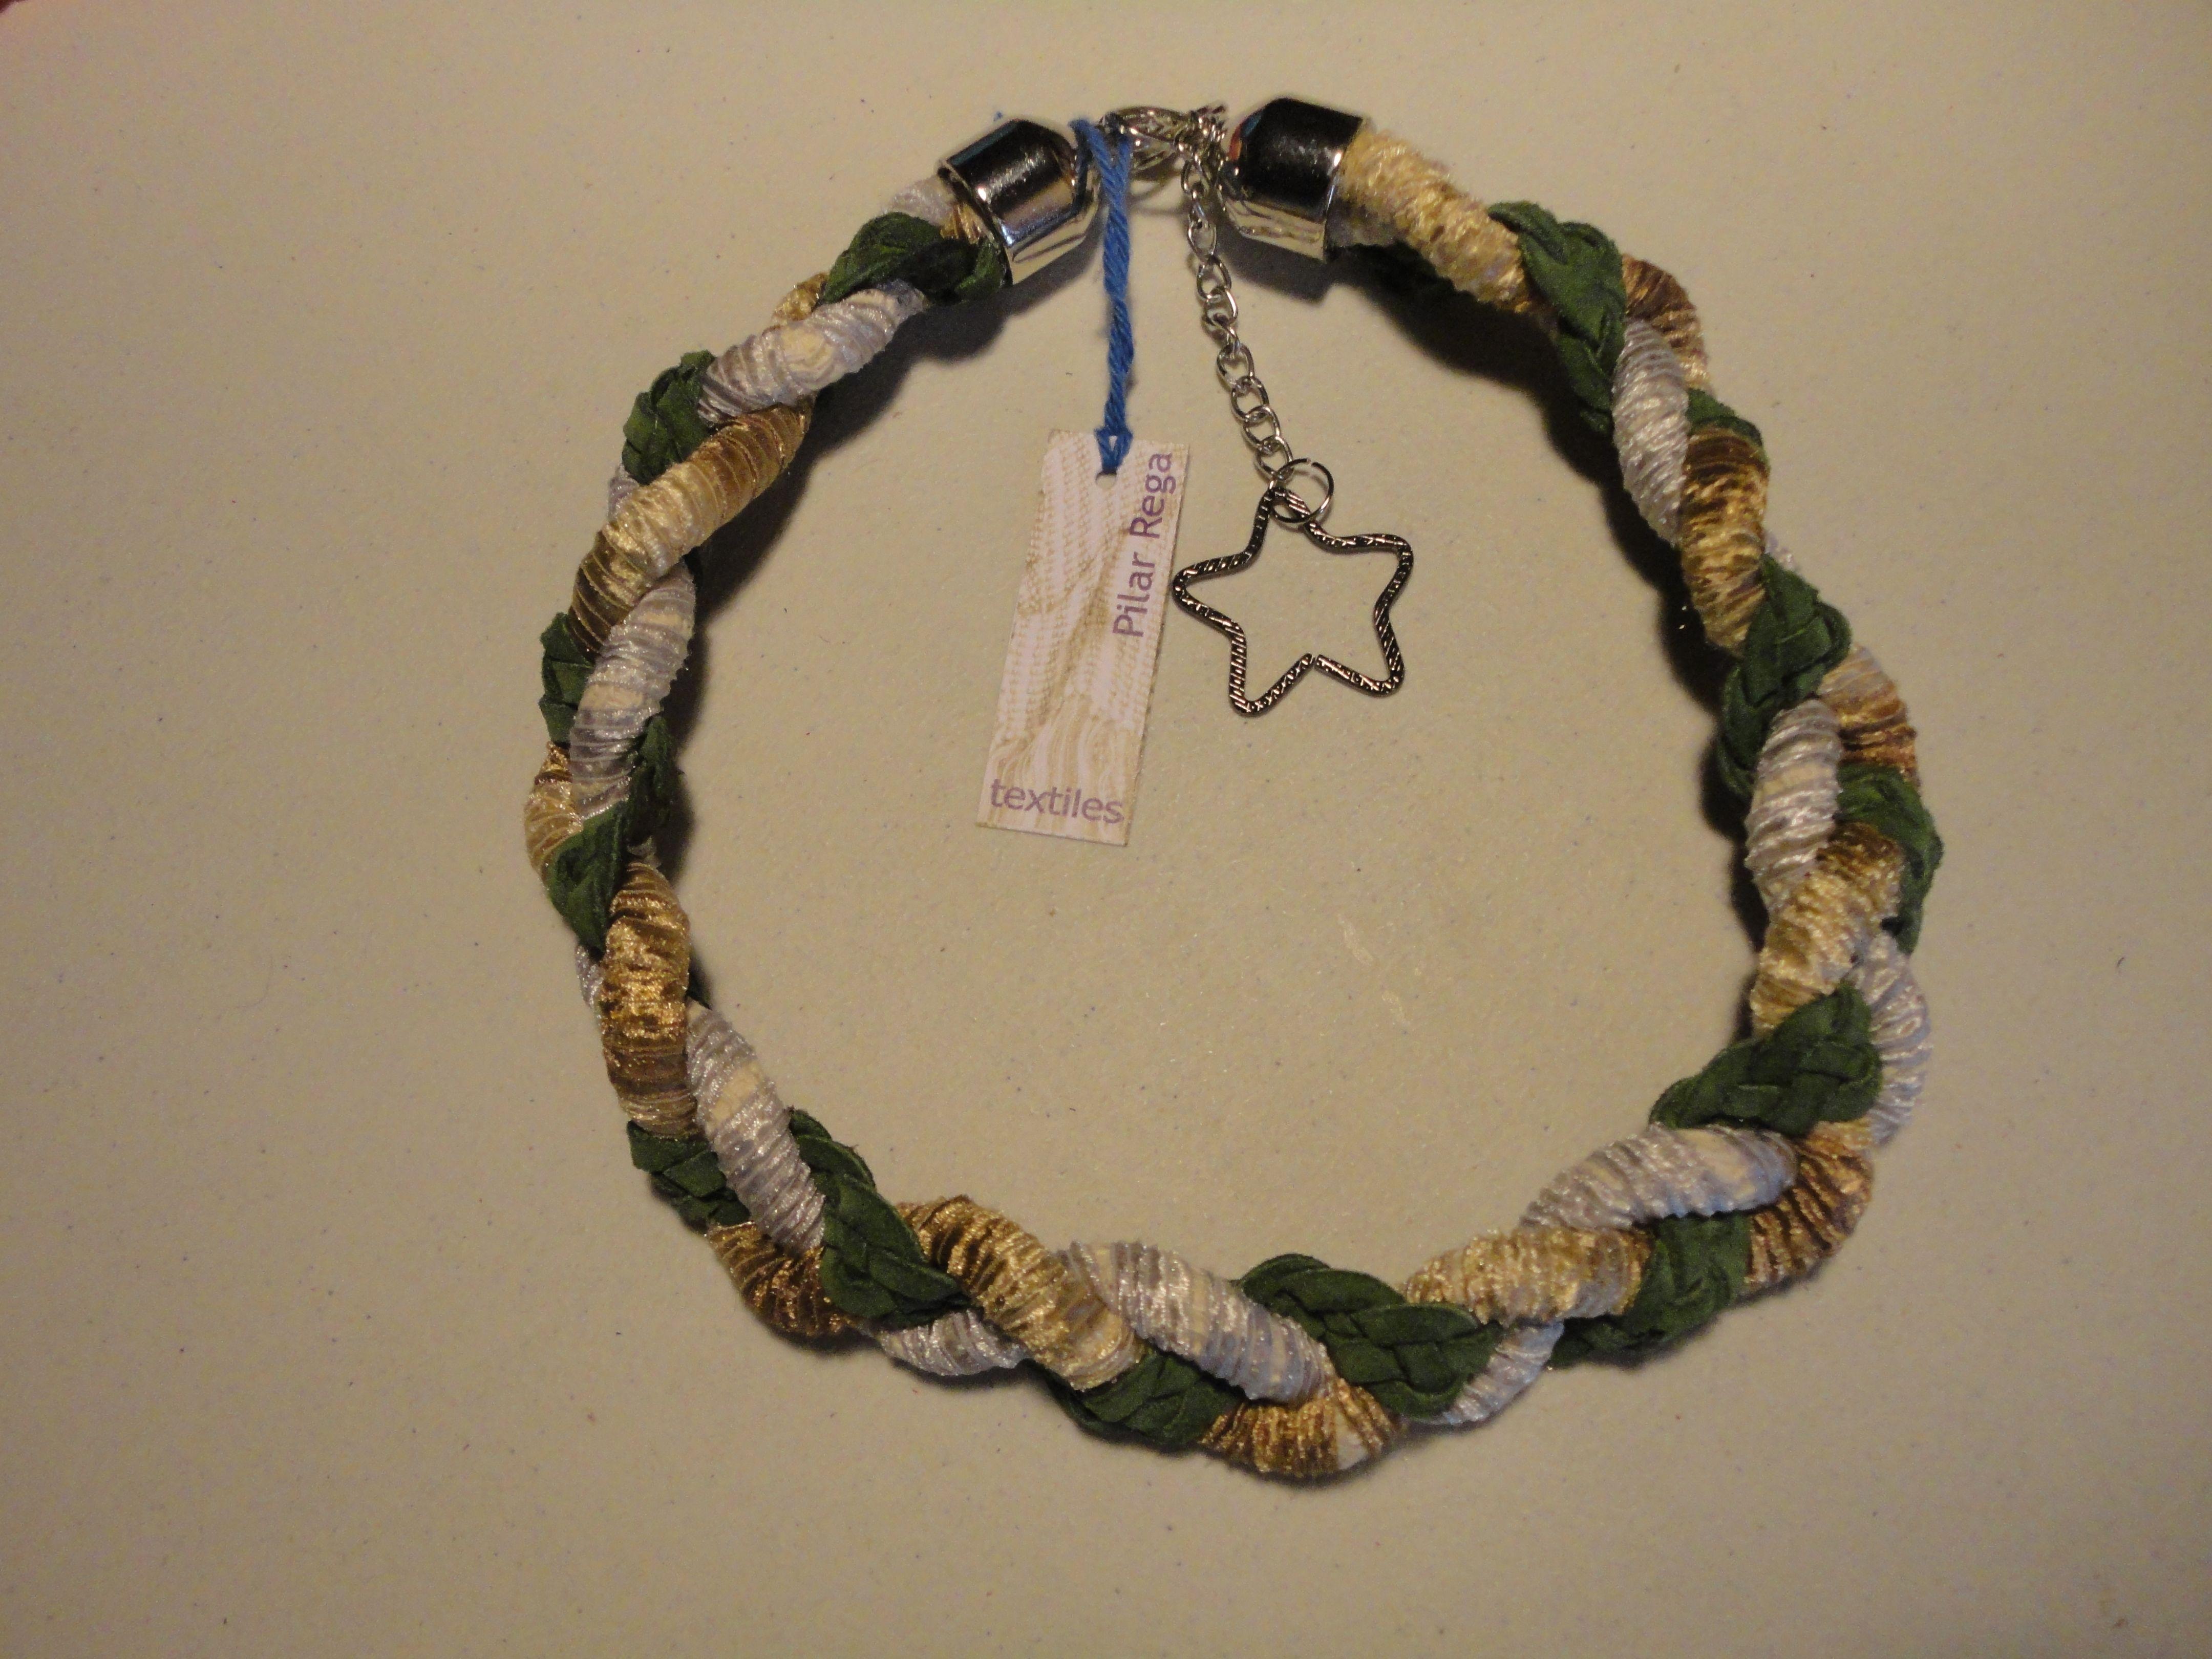 Collar trenzado combinando cordones forrados y gamuza.